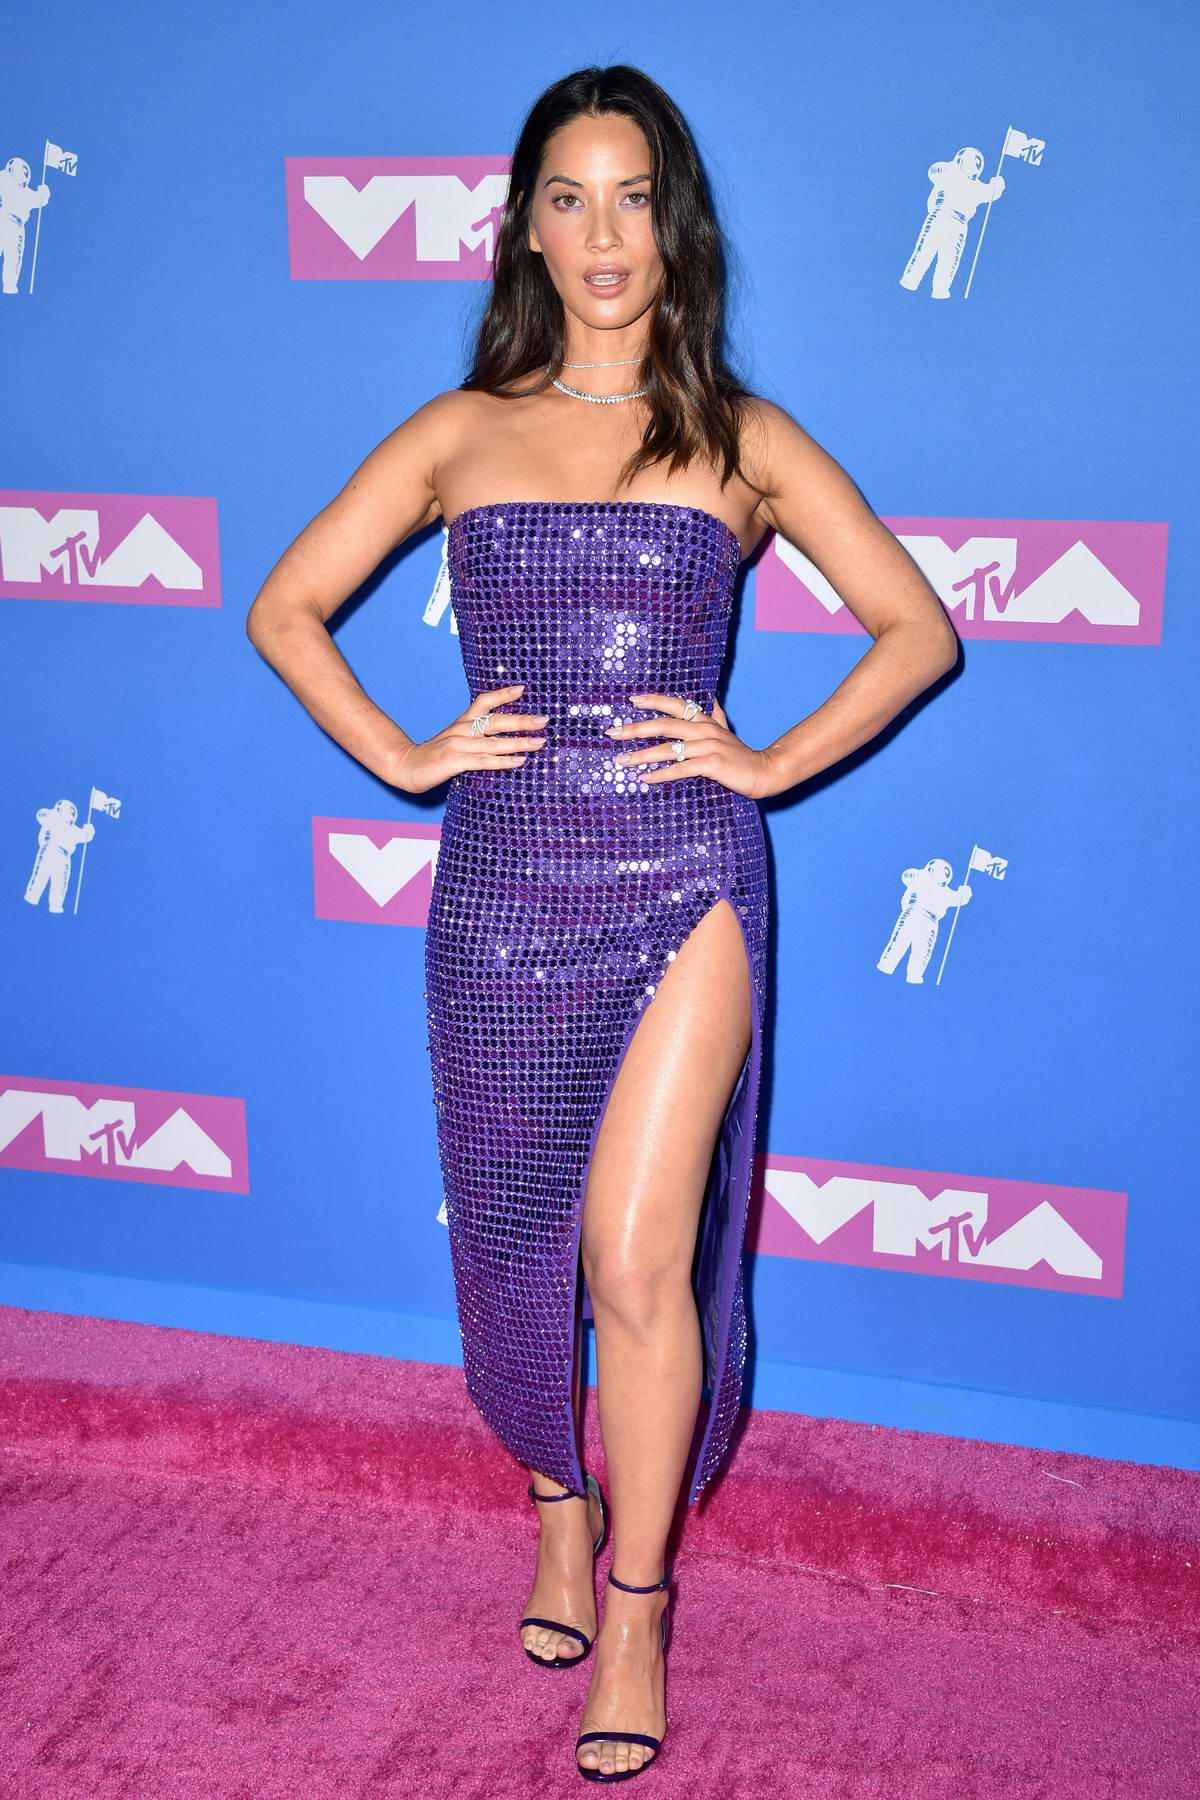 Olivia Munn attends 2018 MTV Video Music Awards (MTV VMA 2018) at Radio City Music Hall in New York City